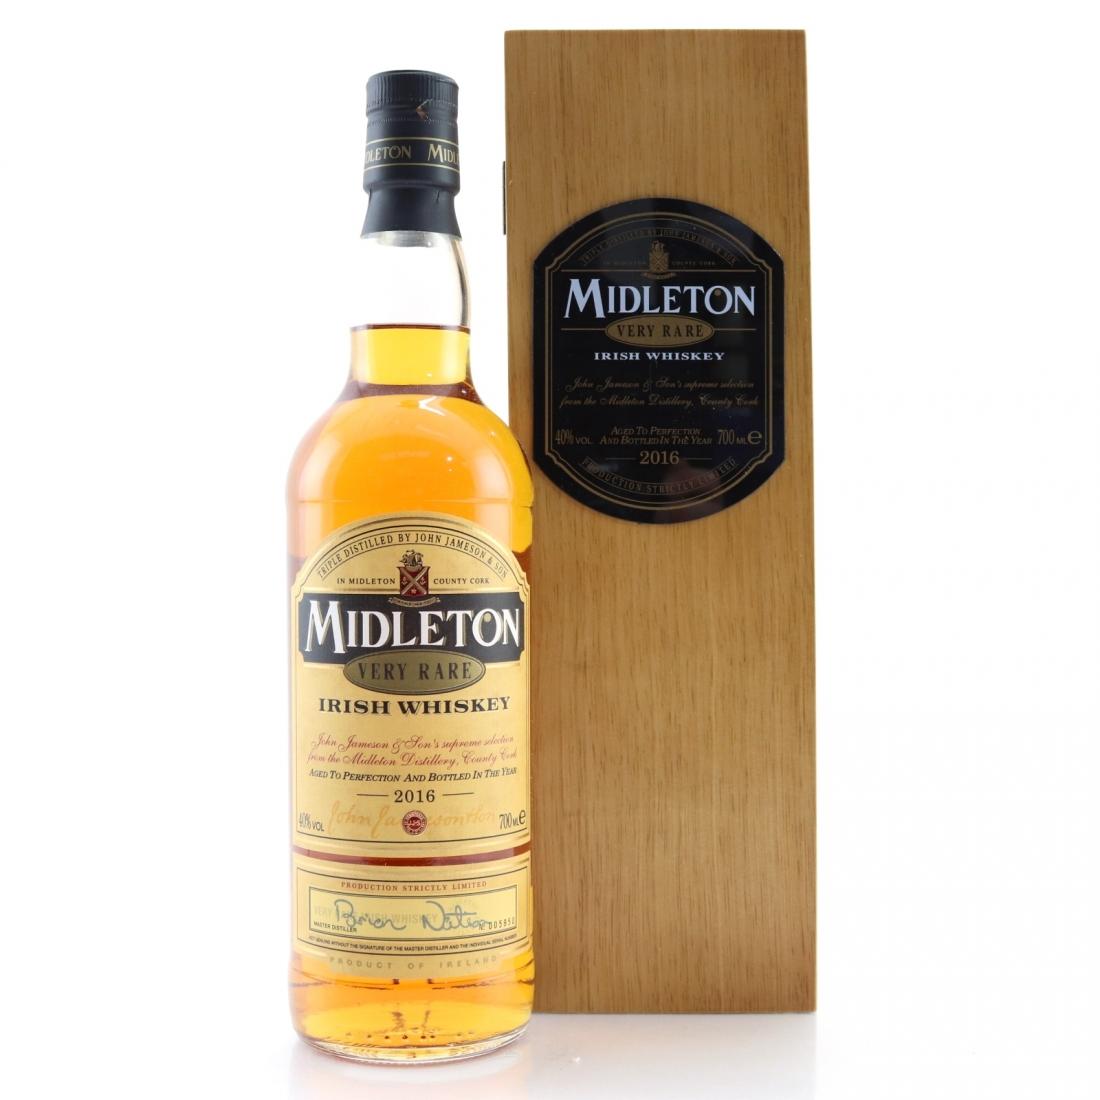 Midleton Very Rare 2016 Edition